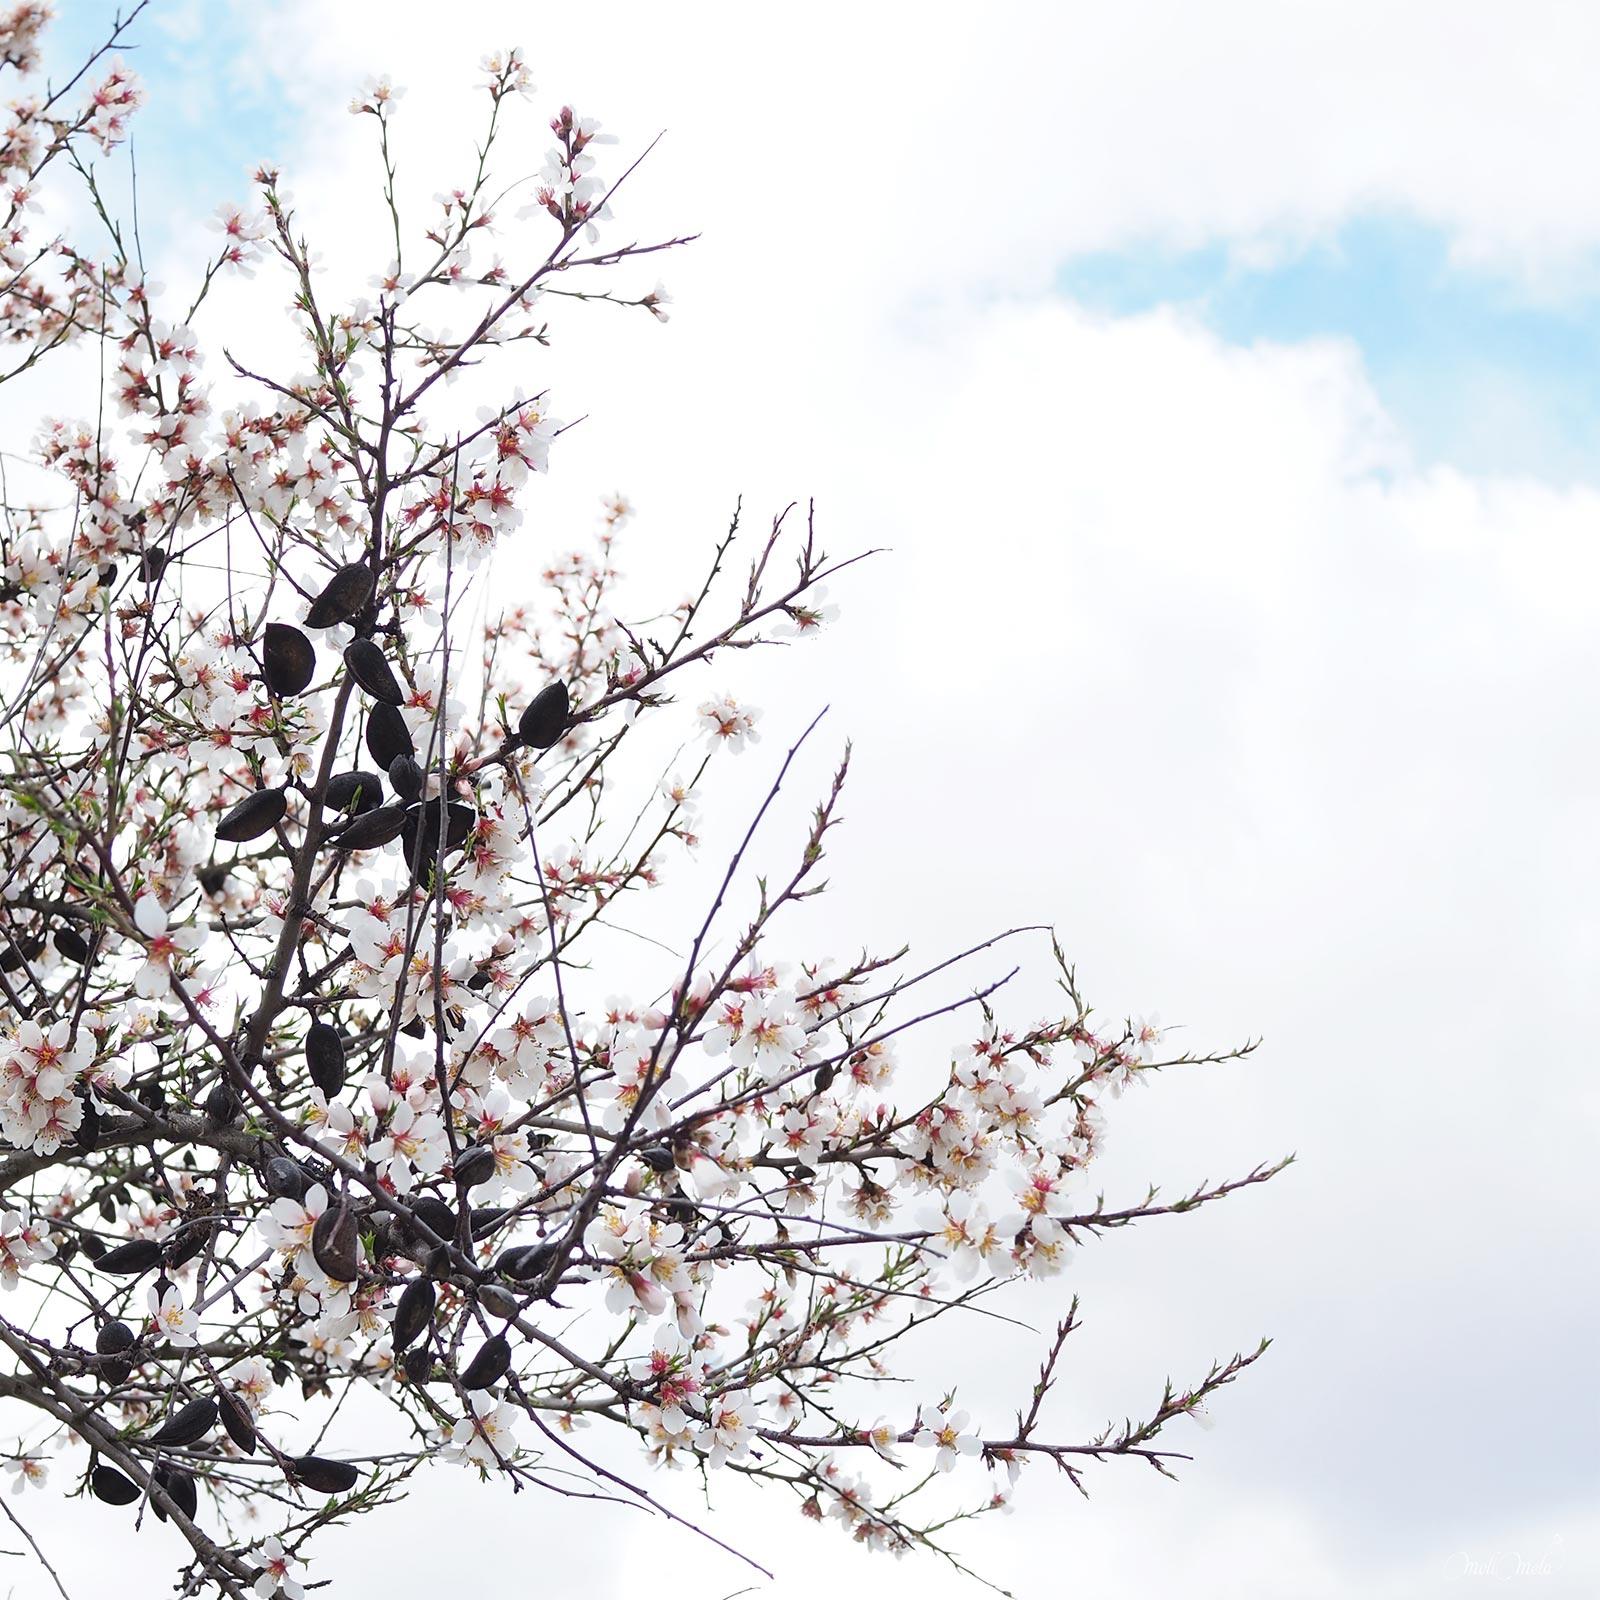 printemps fleurs amandiers flores almendros Zamora laboutiquedemelimelo